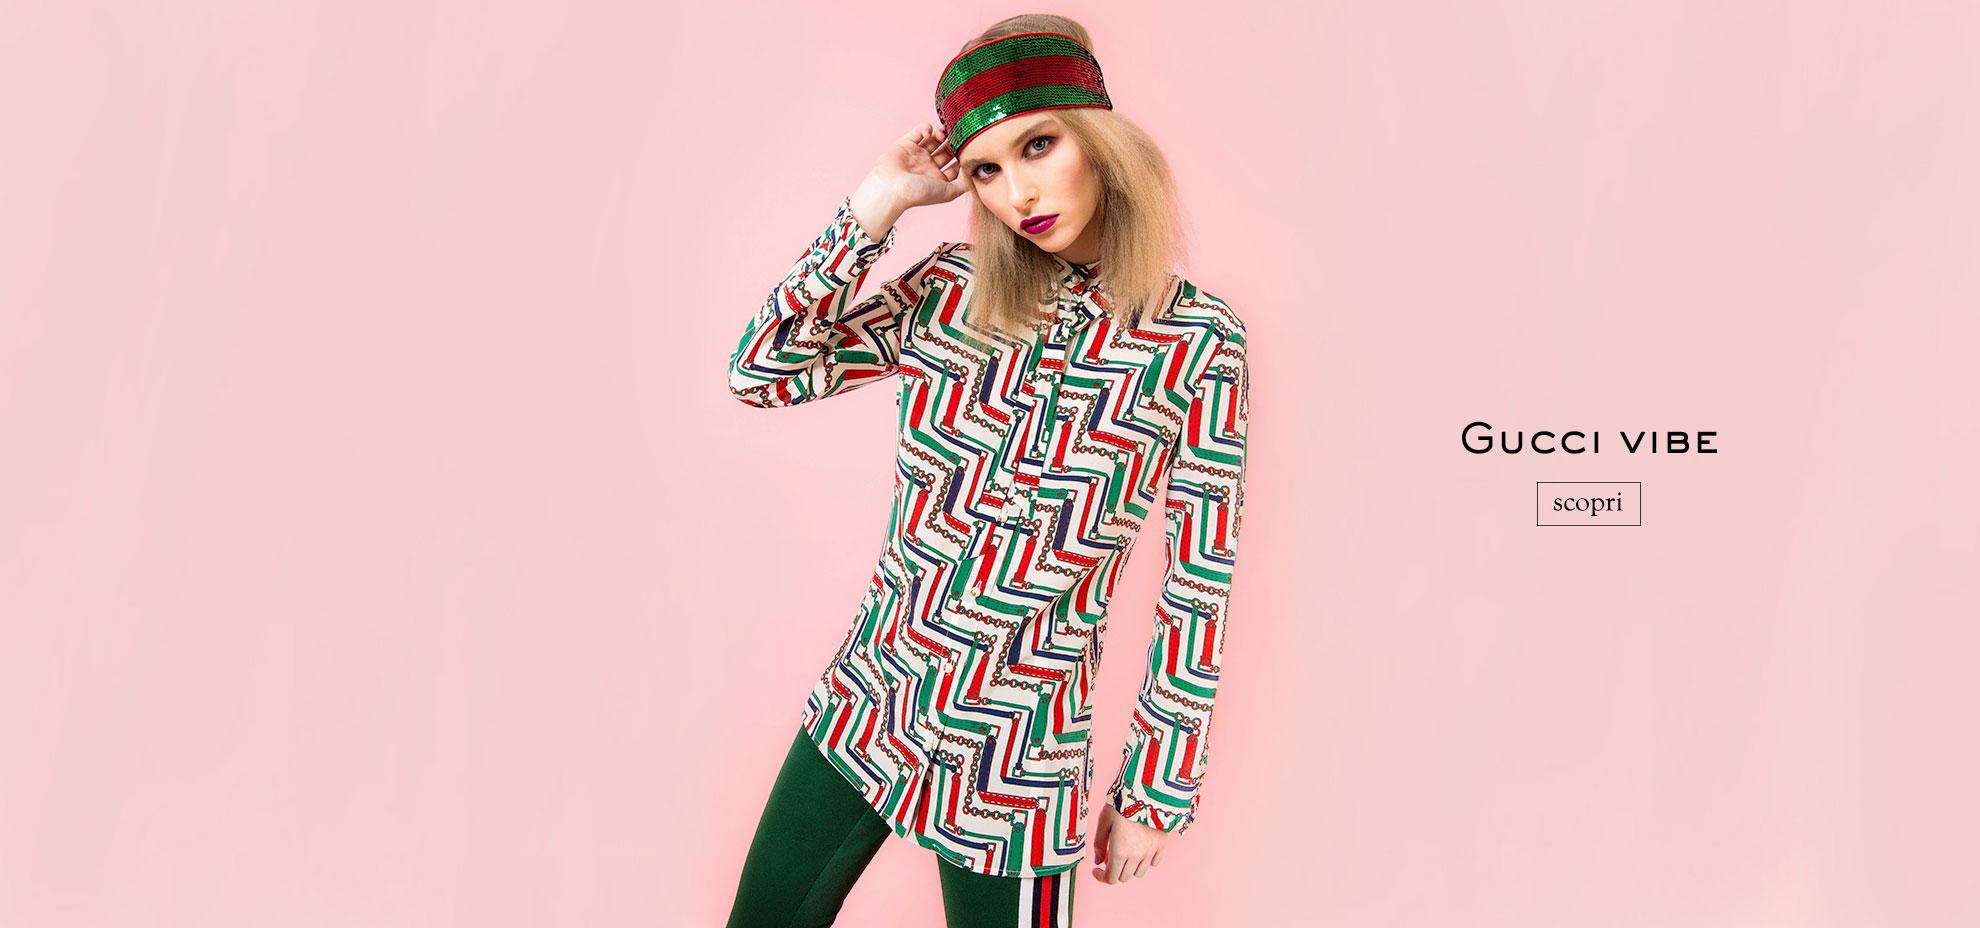 Catalogo Abbigliamento Donna Gucci Primavera/estate 2017